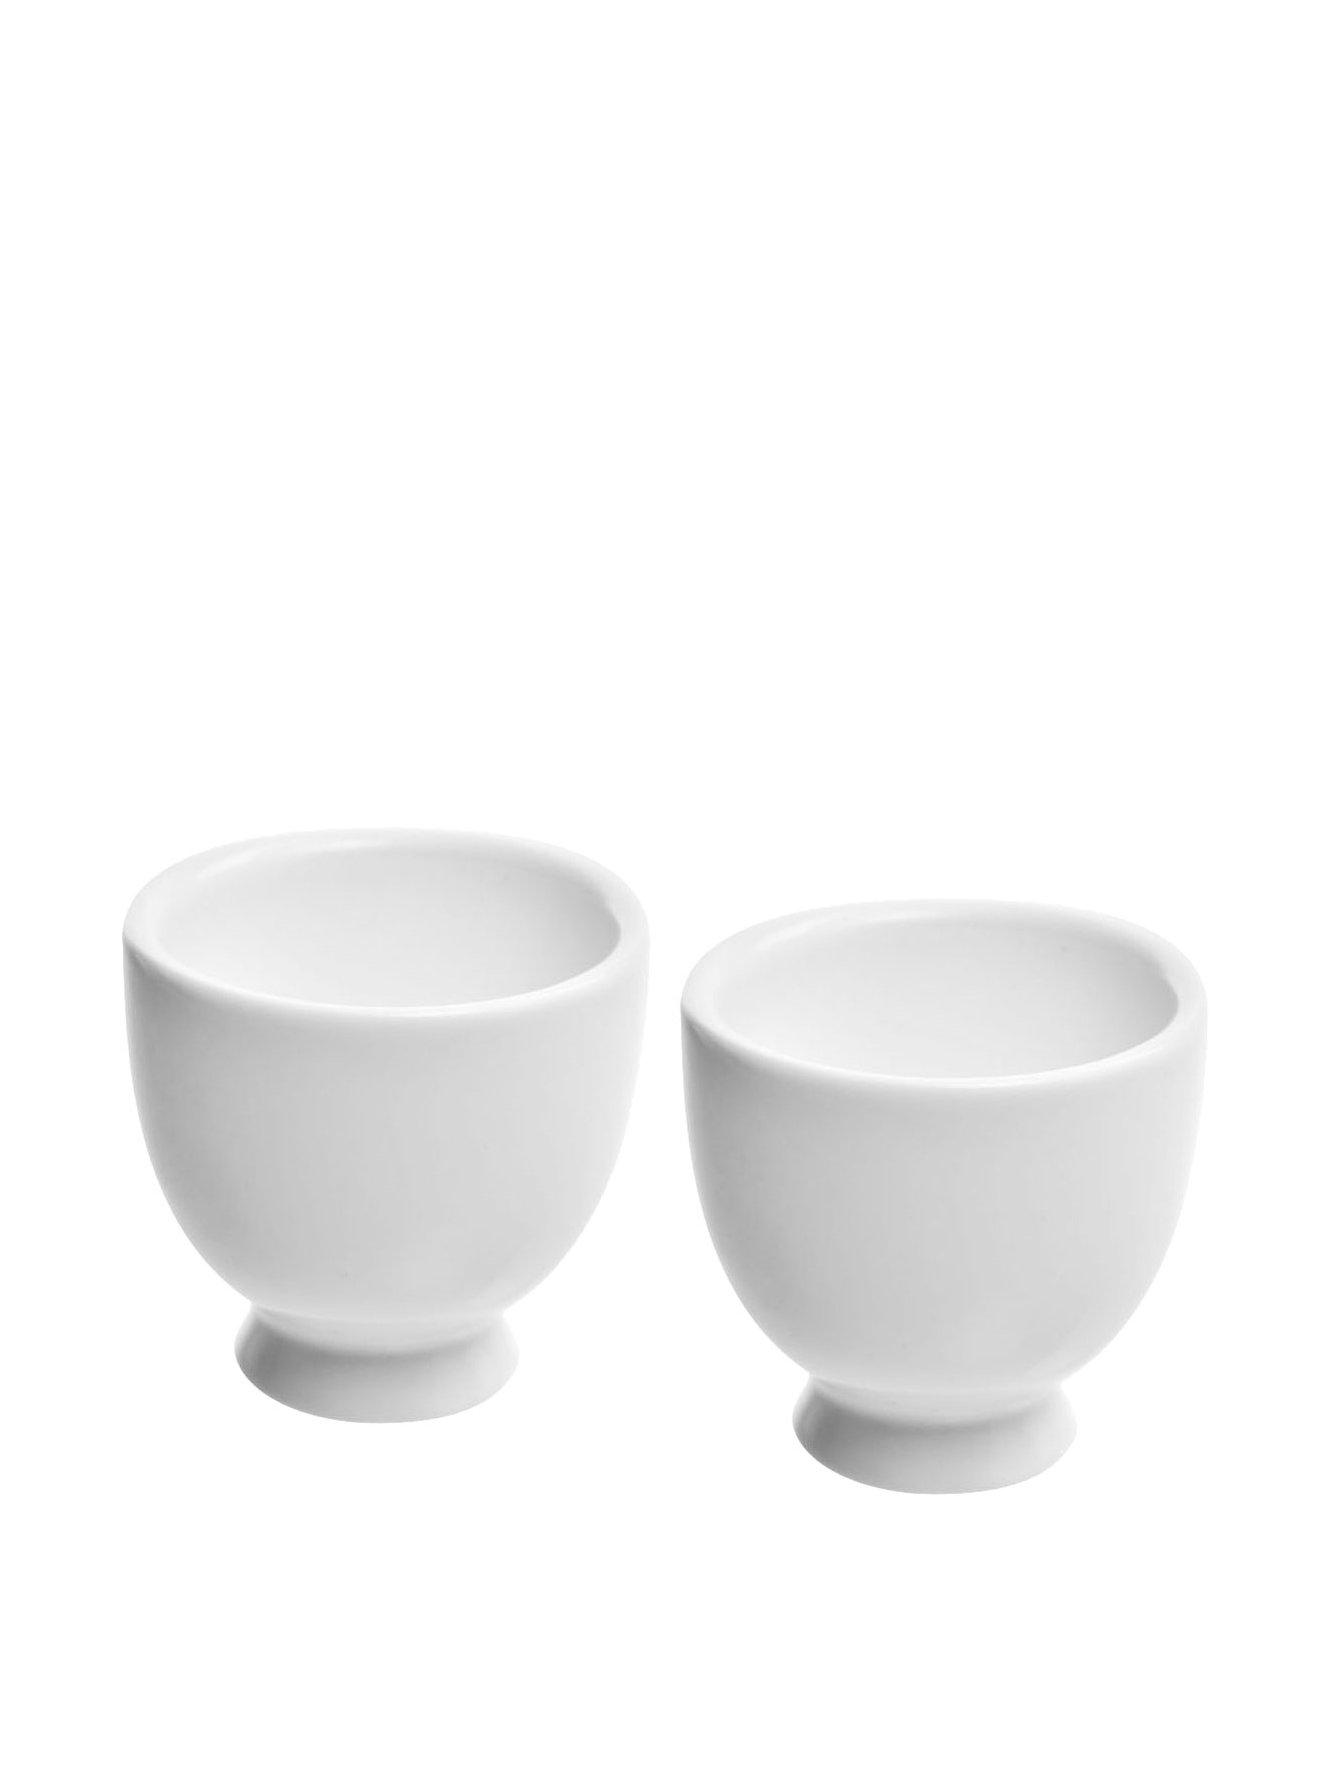 10 Strawberry Street Whittier 1.5 Oz Sake Cup, Set of 6, White